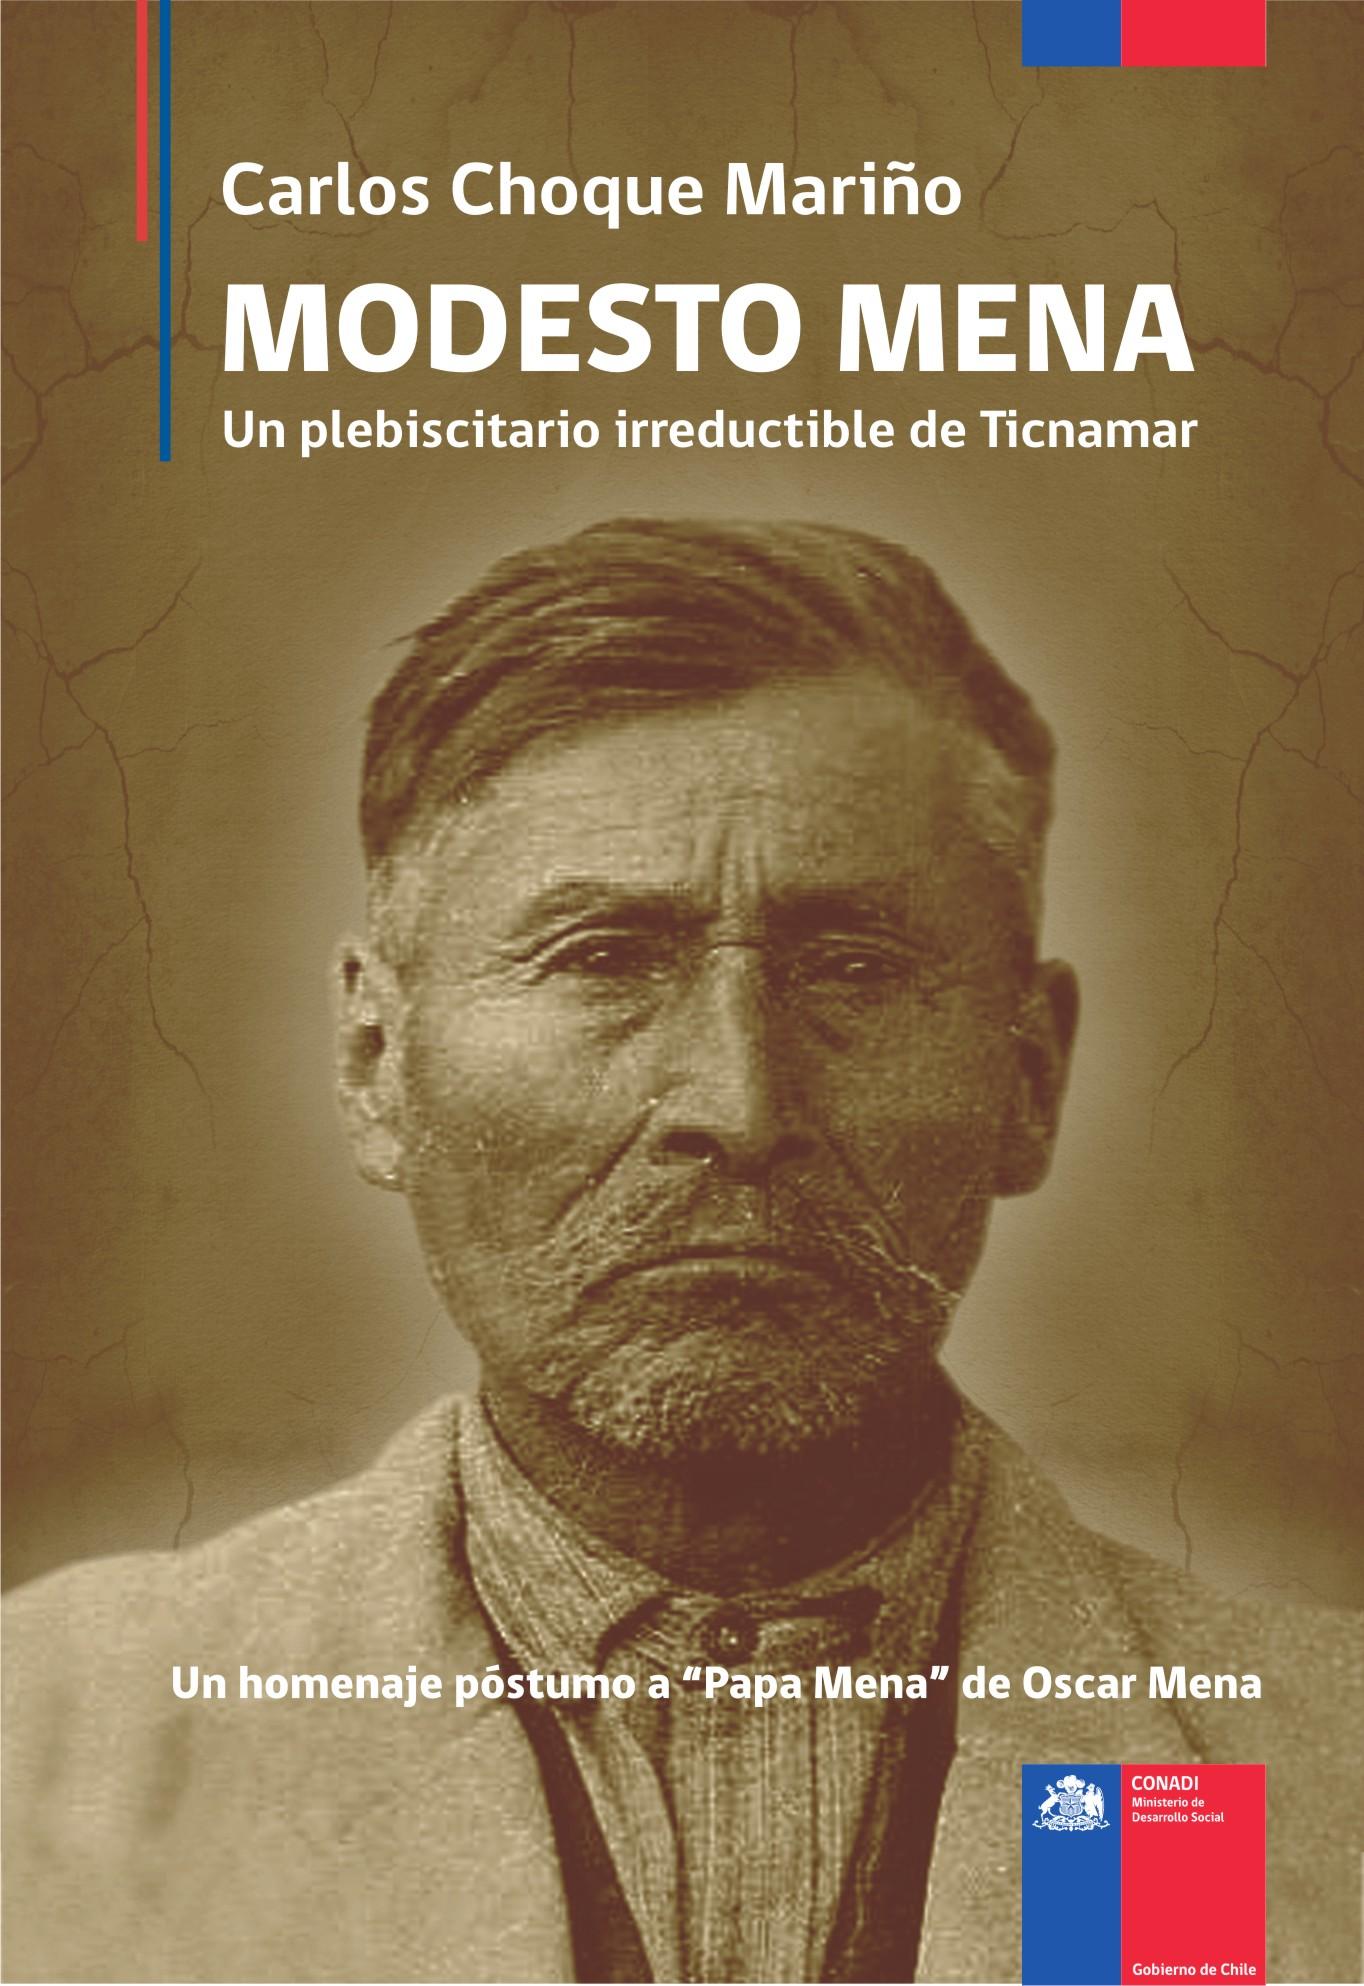 libro_modesto_mena1.jpg?1388470791